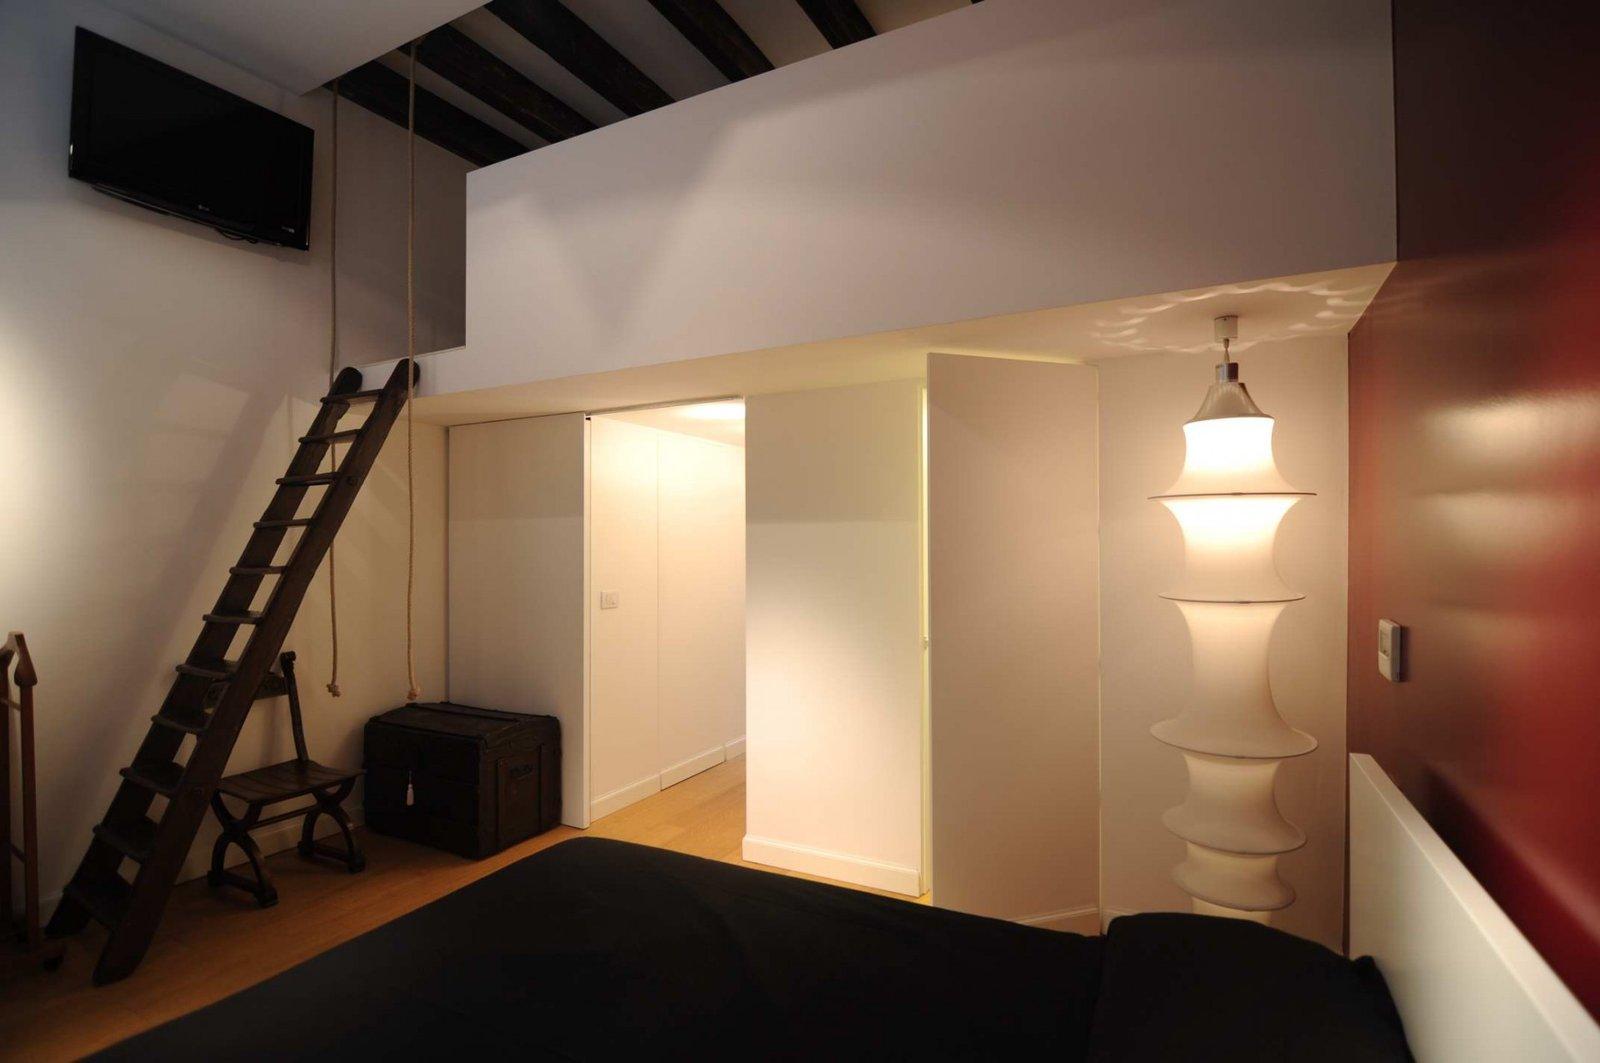 Cabina armadio con porta nascosta rasoparete